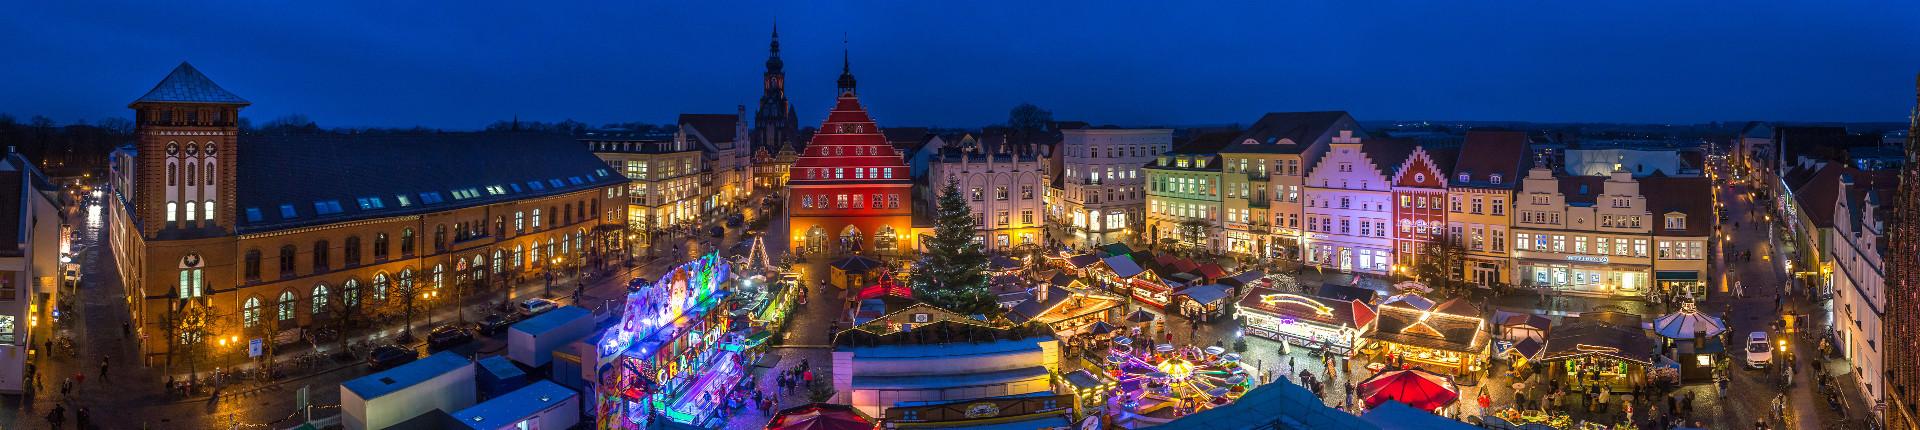 Greifswalder Weihnachtsmarkt © Wally Pruß